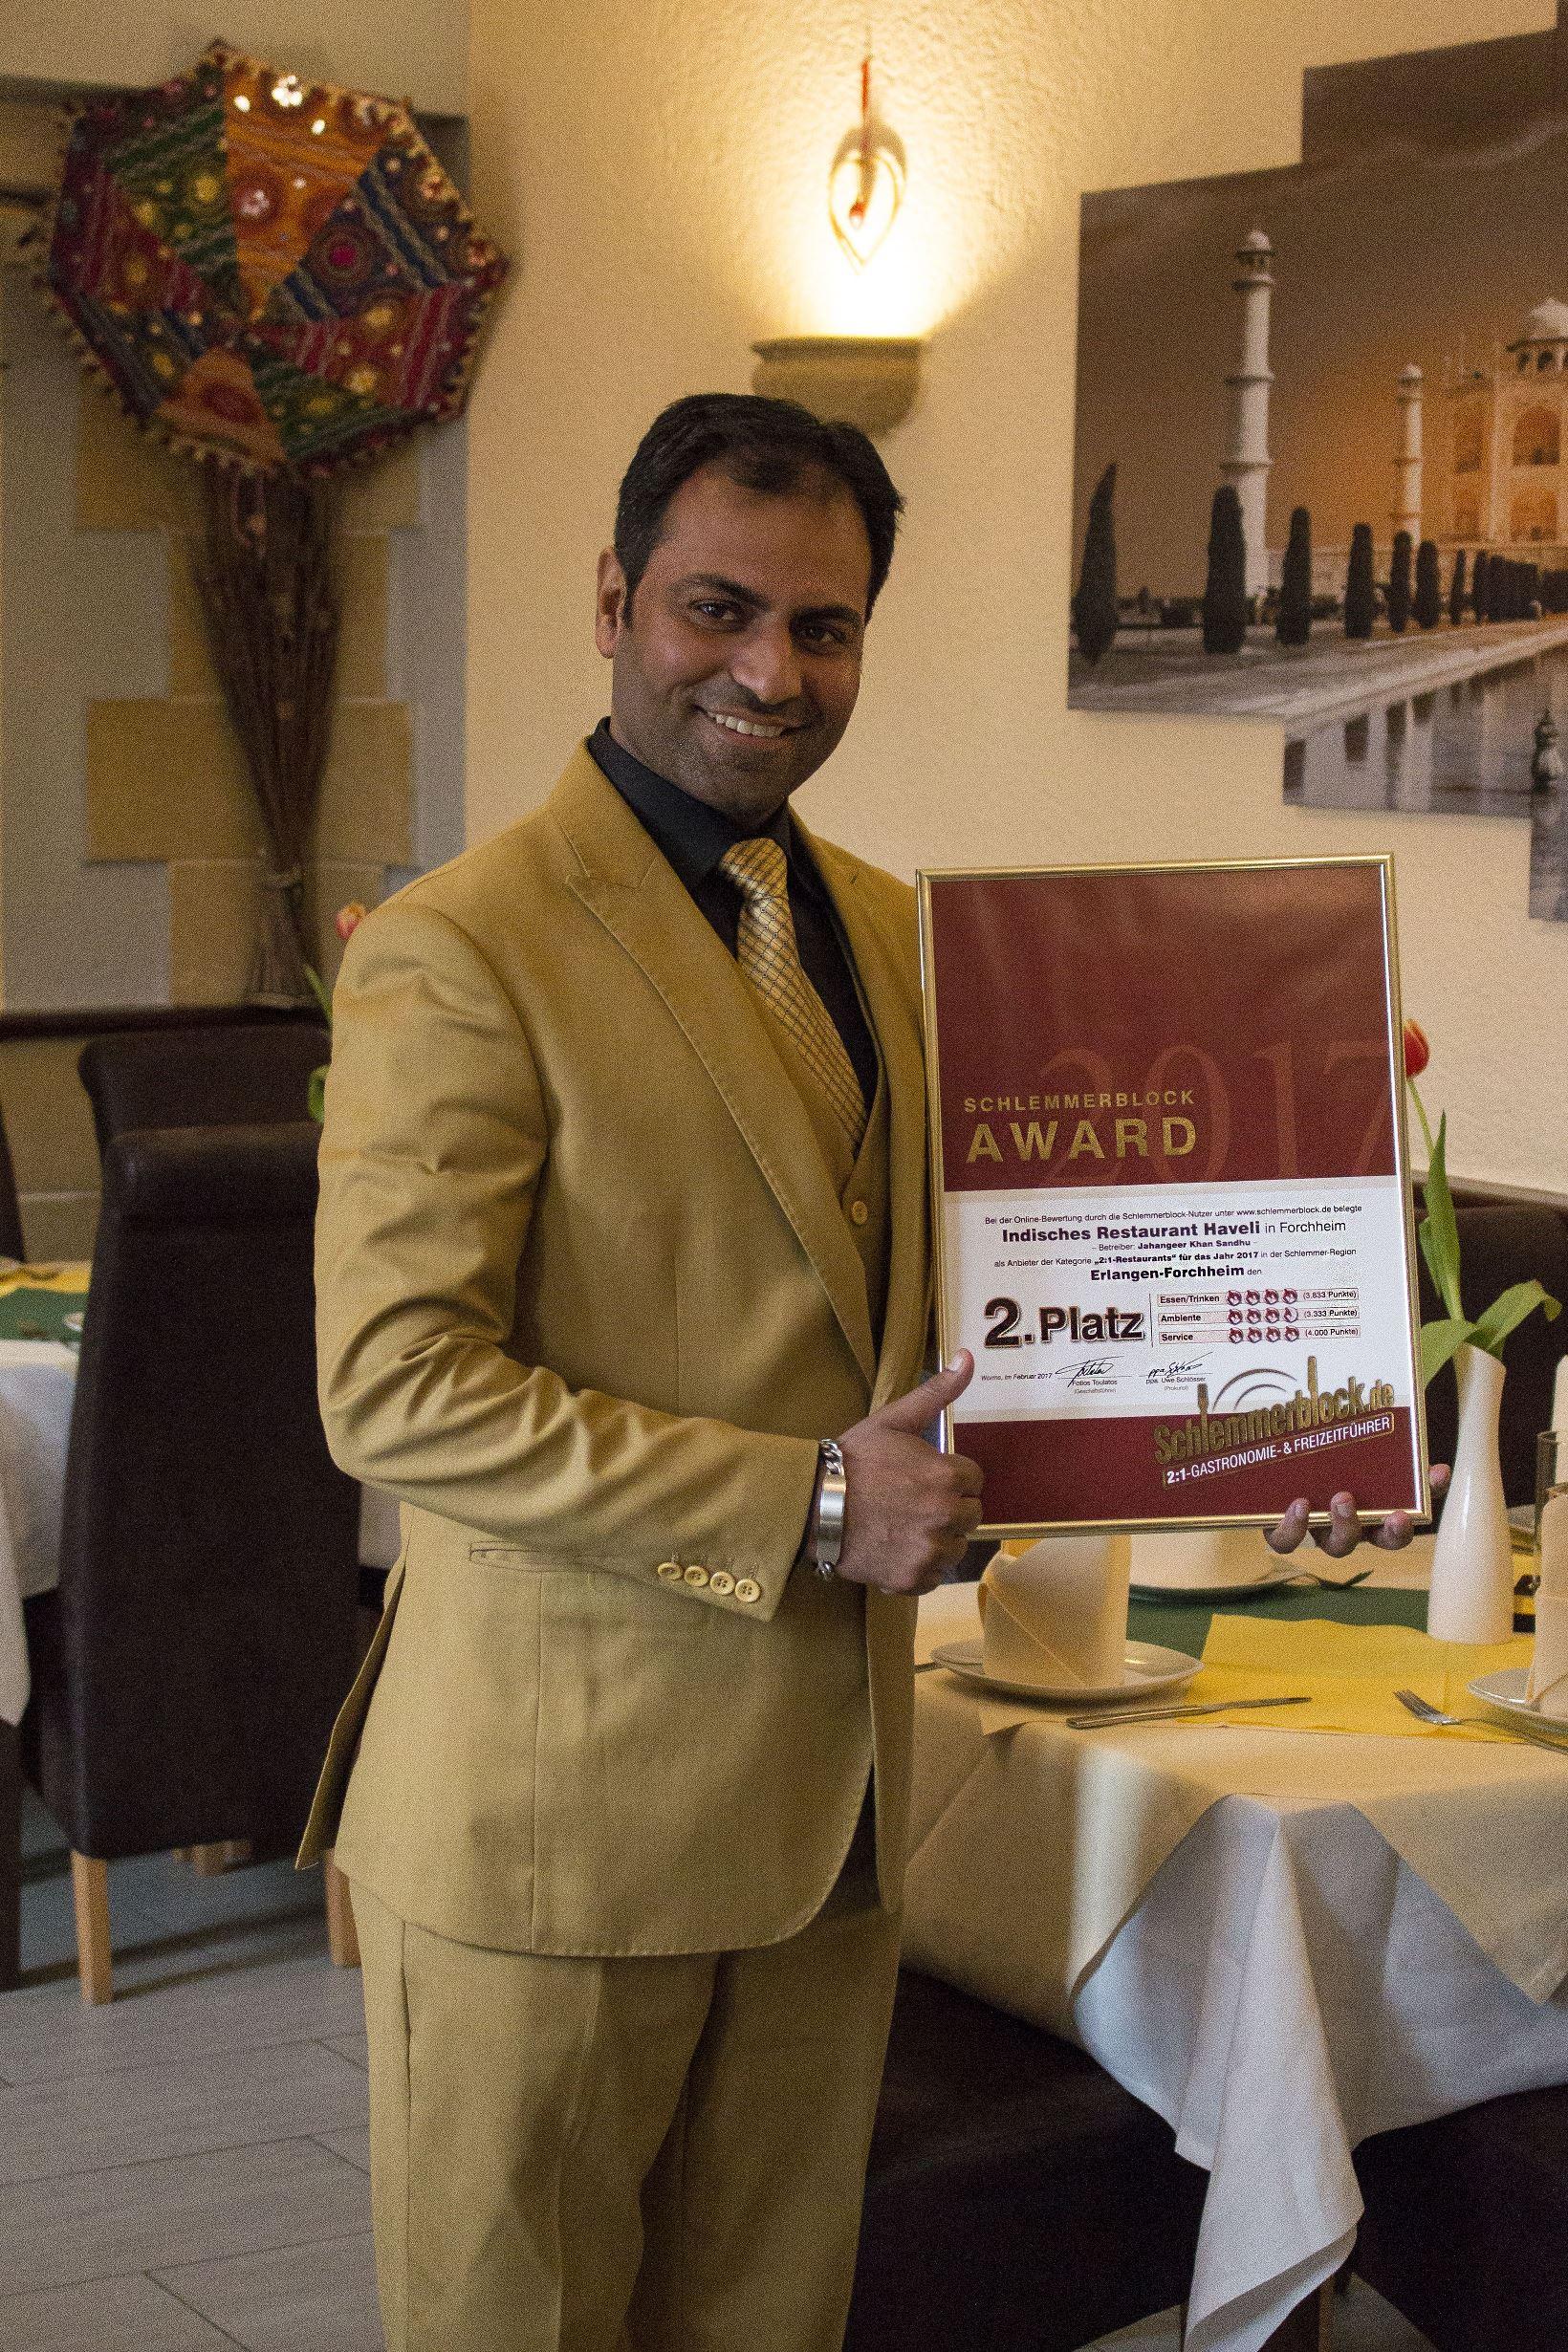 indisches restaurant haveli erlangen forchheim 2018. Black Bedroom Furniture Sets. Home Design Ideas